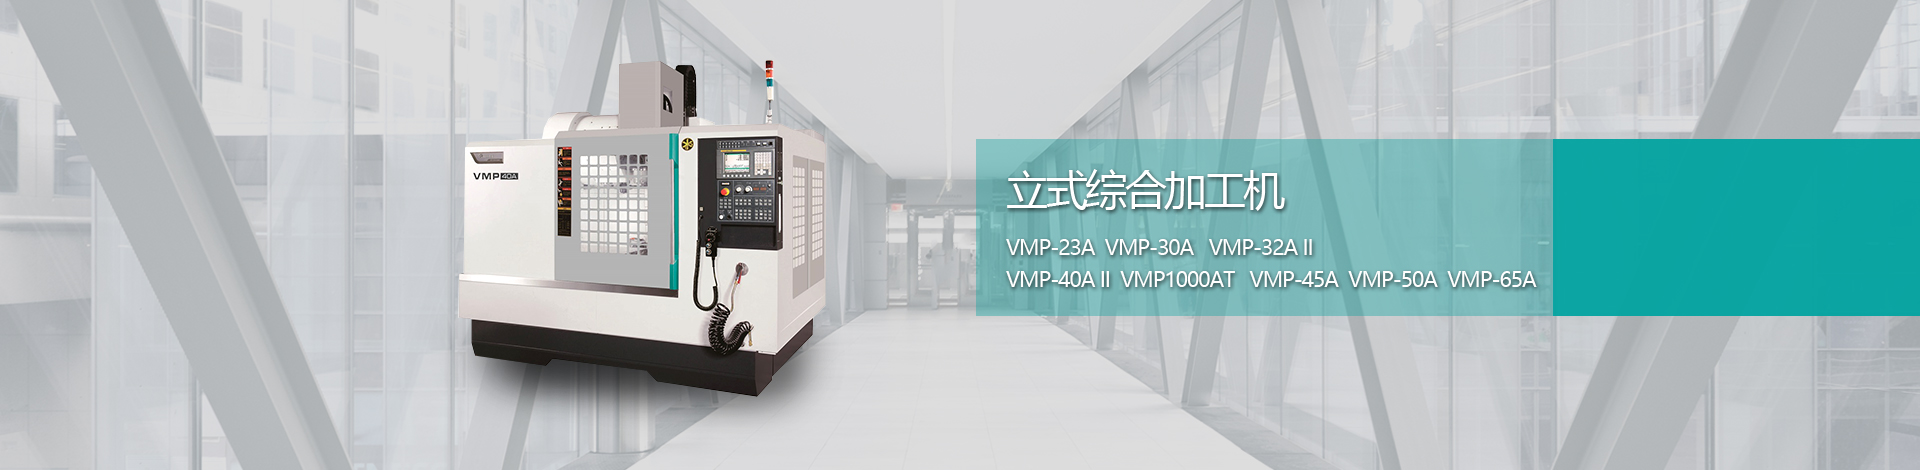 加工中心 VMP-40A II